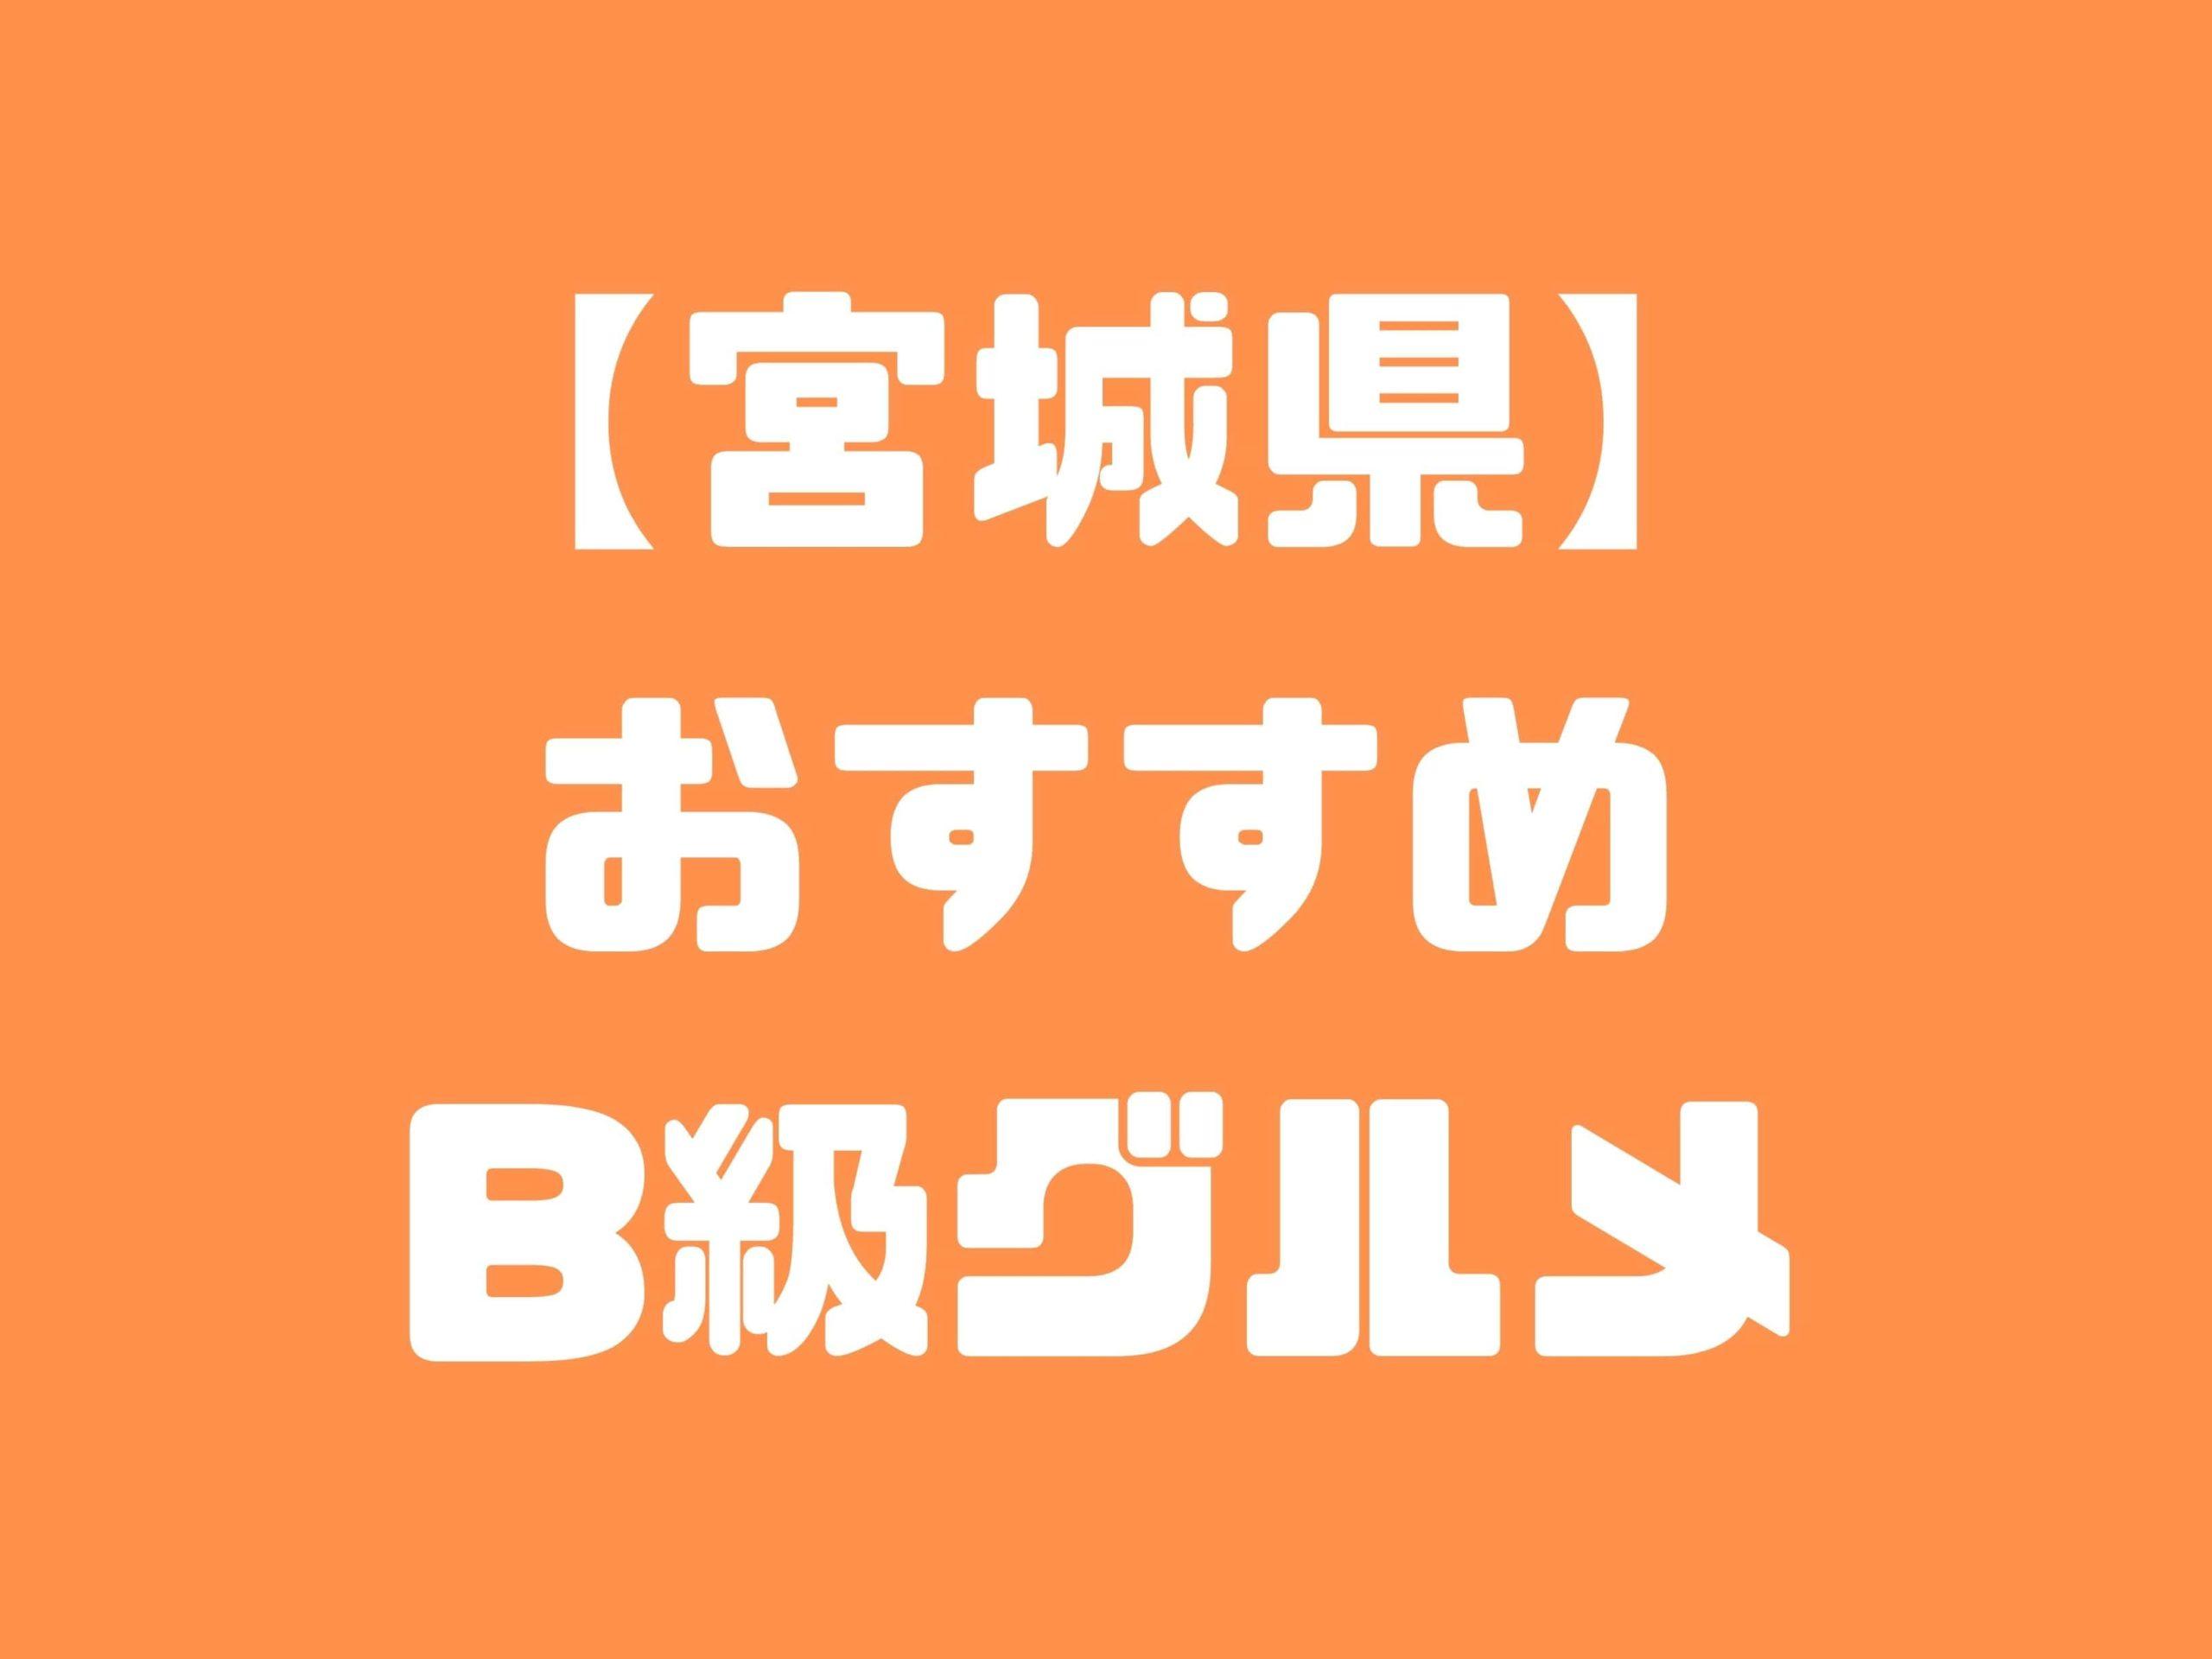 【宮城県版】秘密のケンミンSHOWまとめ